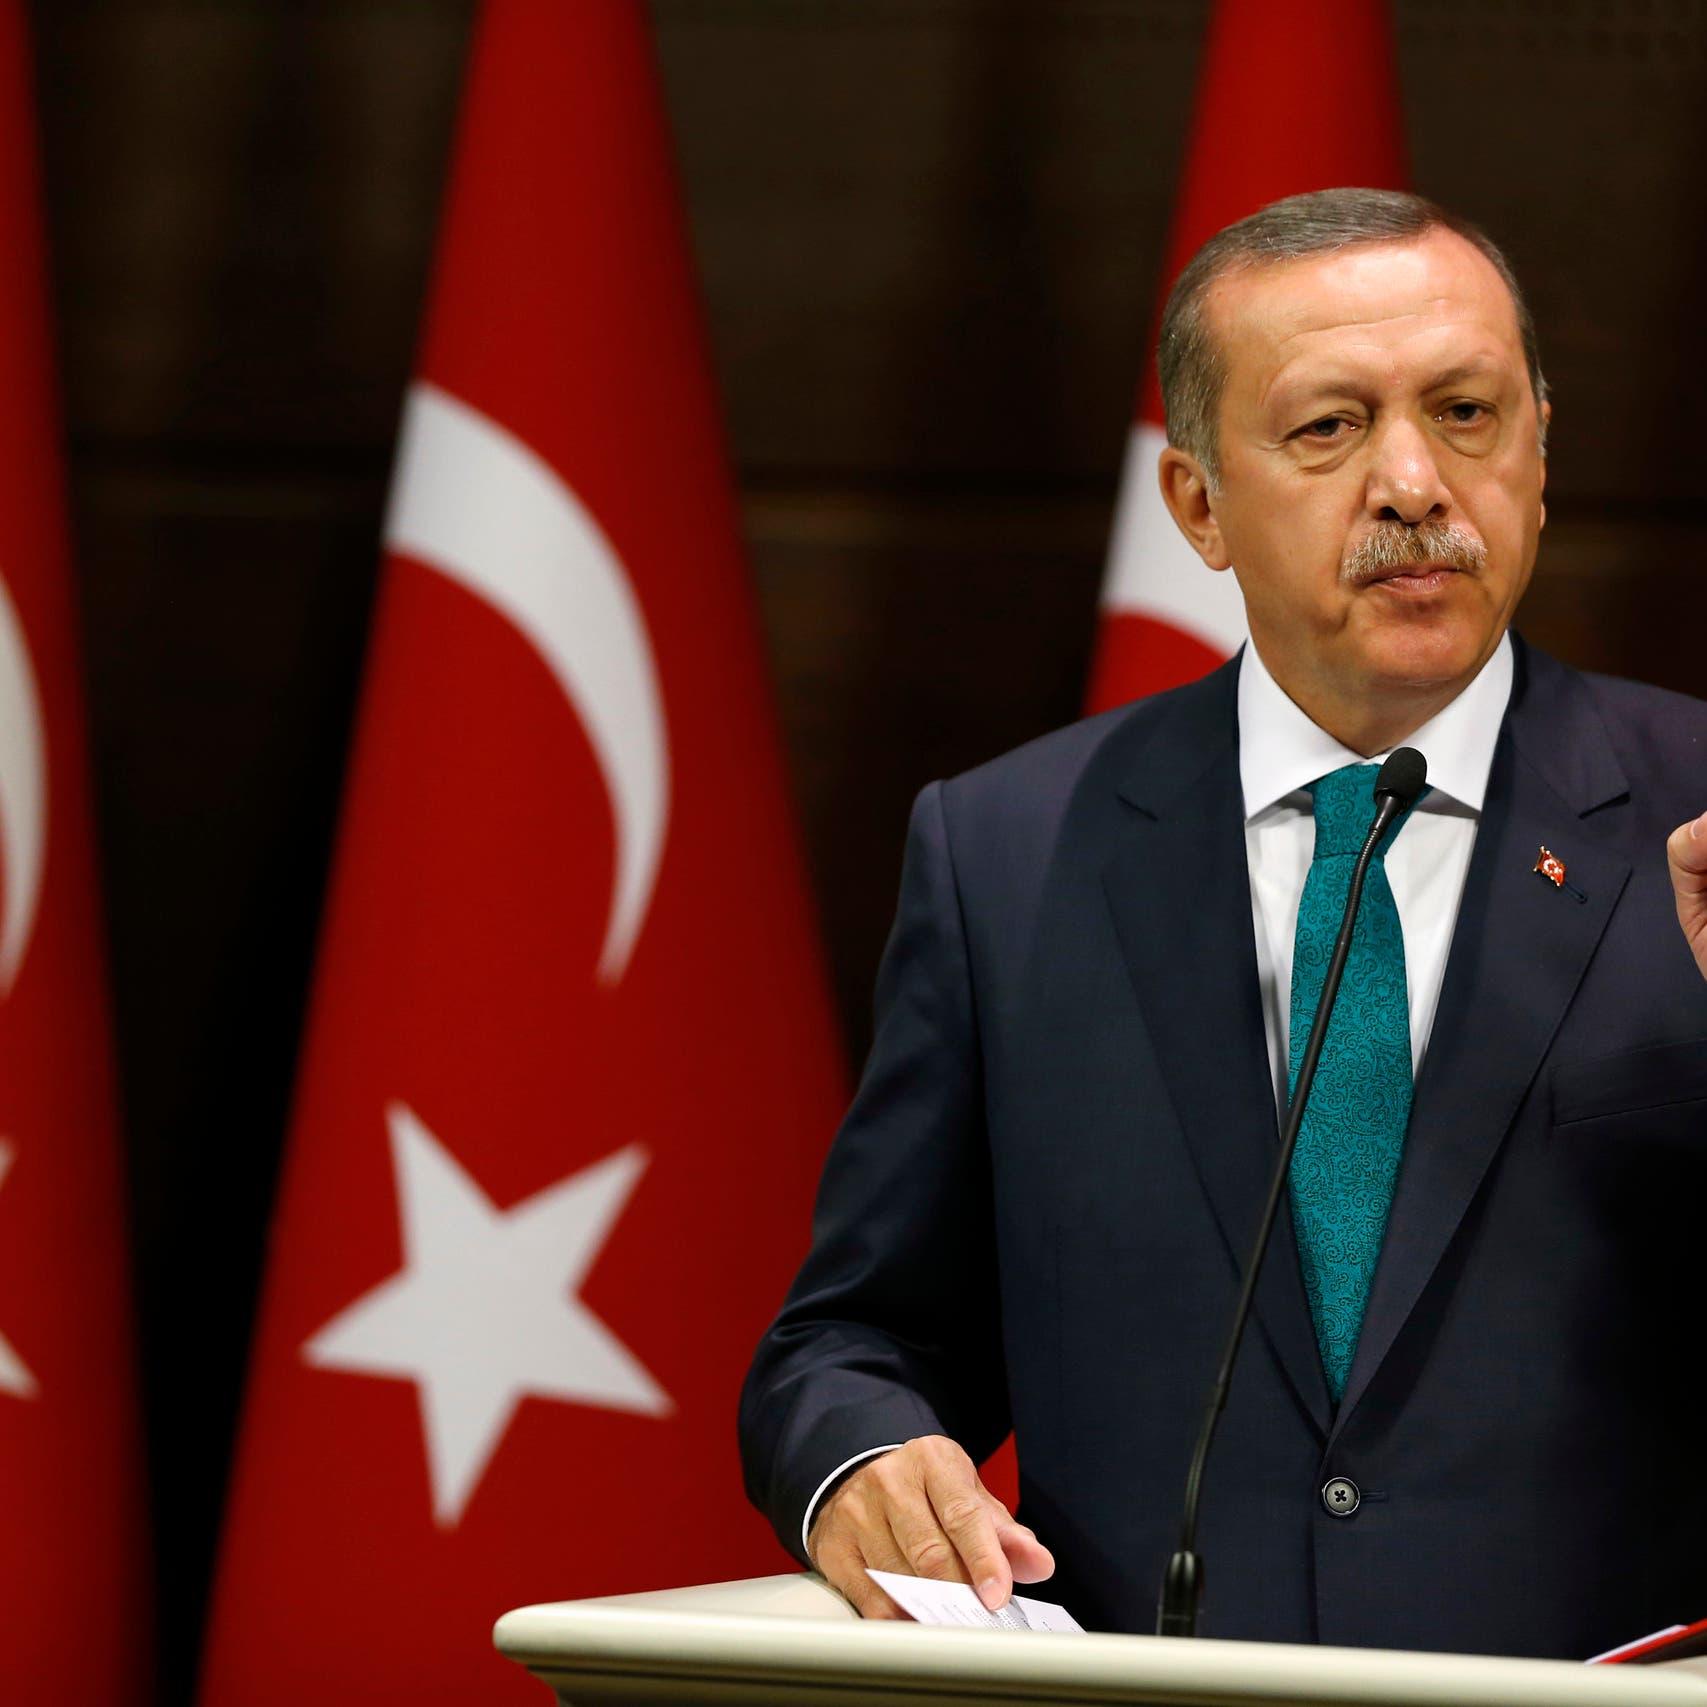 أردوغان: هل تصدقون أنني أسجن الصحافيين لأنهم انتقدوني